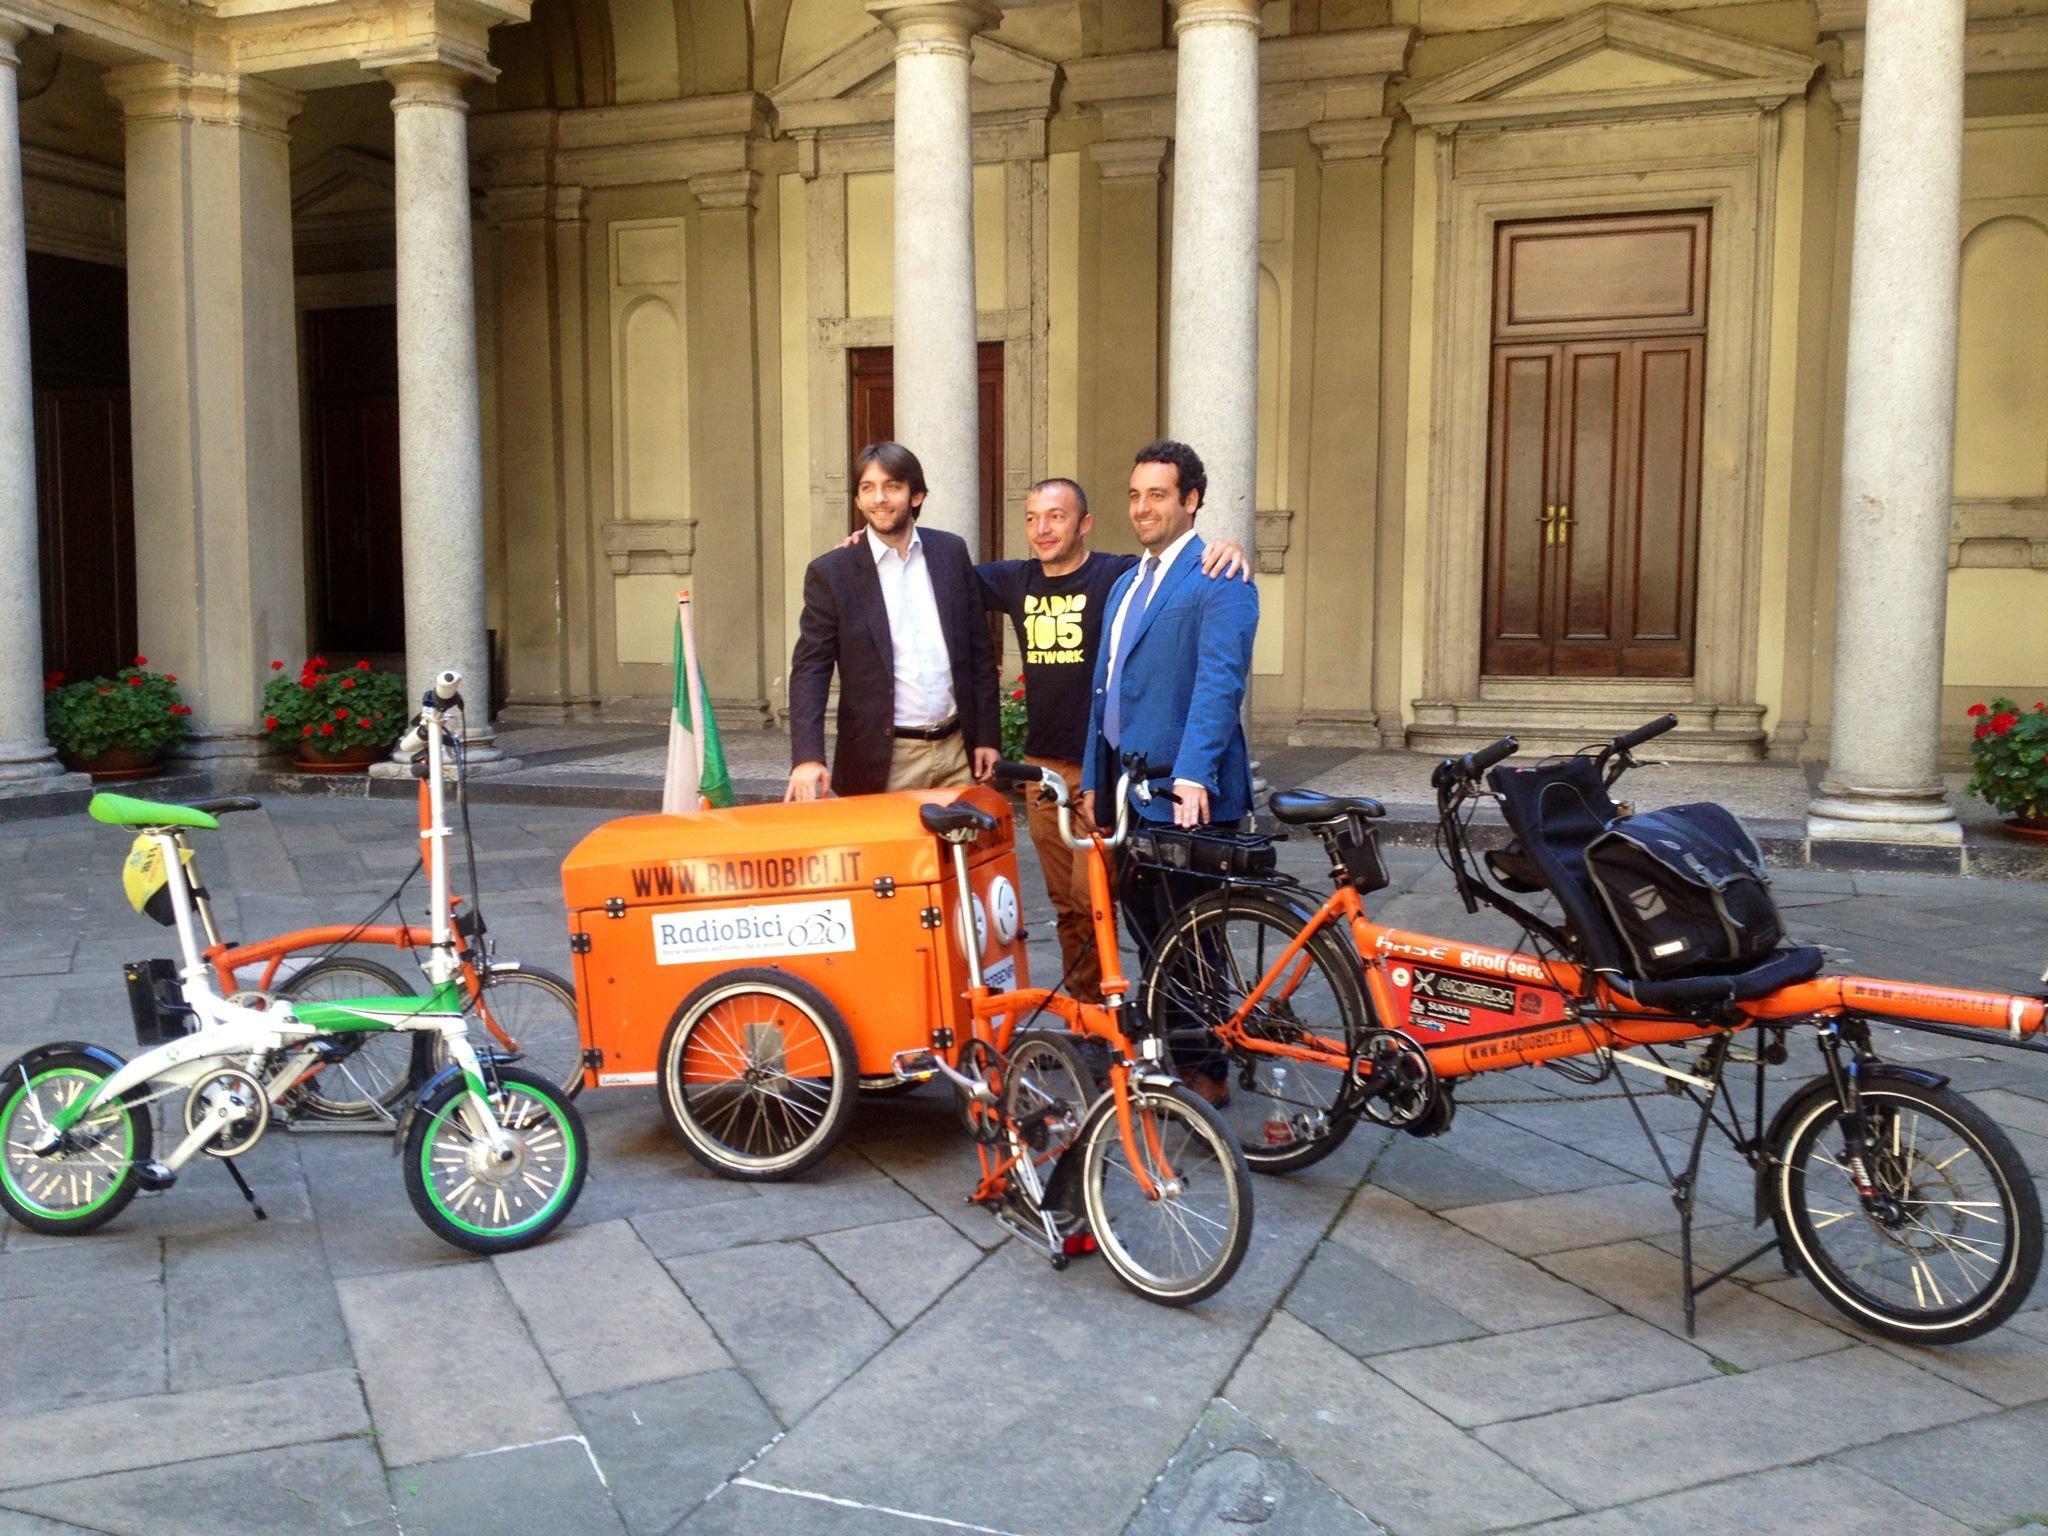 Radiobici conclude il tour 2013 a Milano